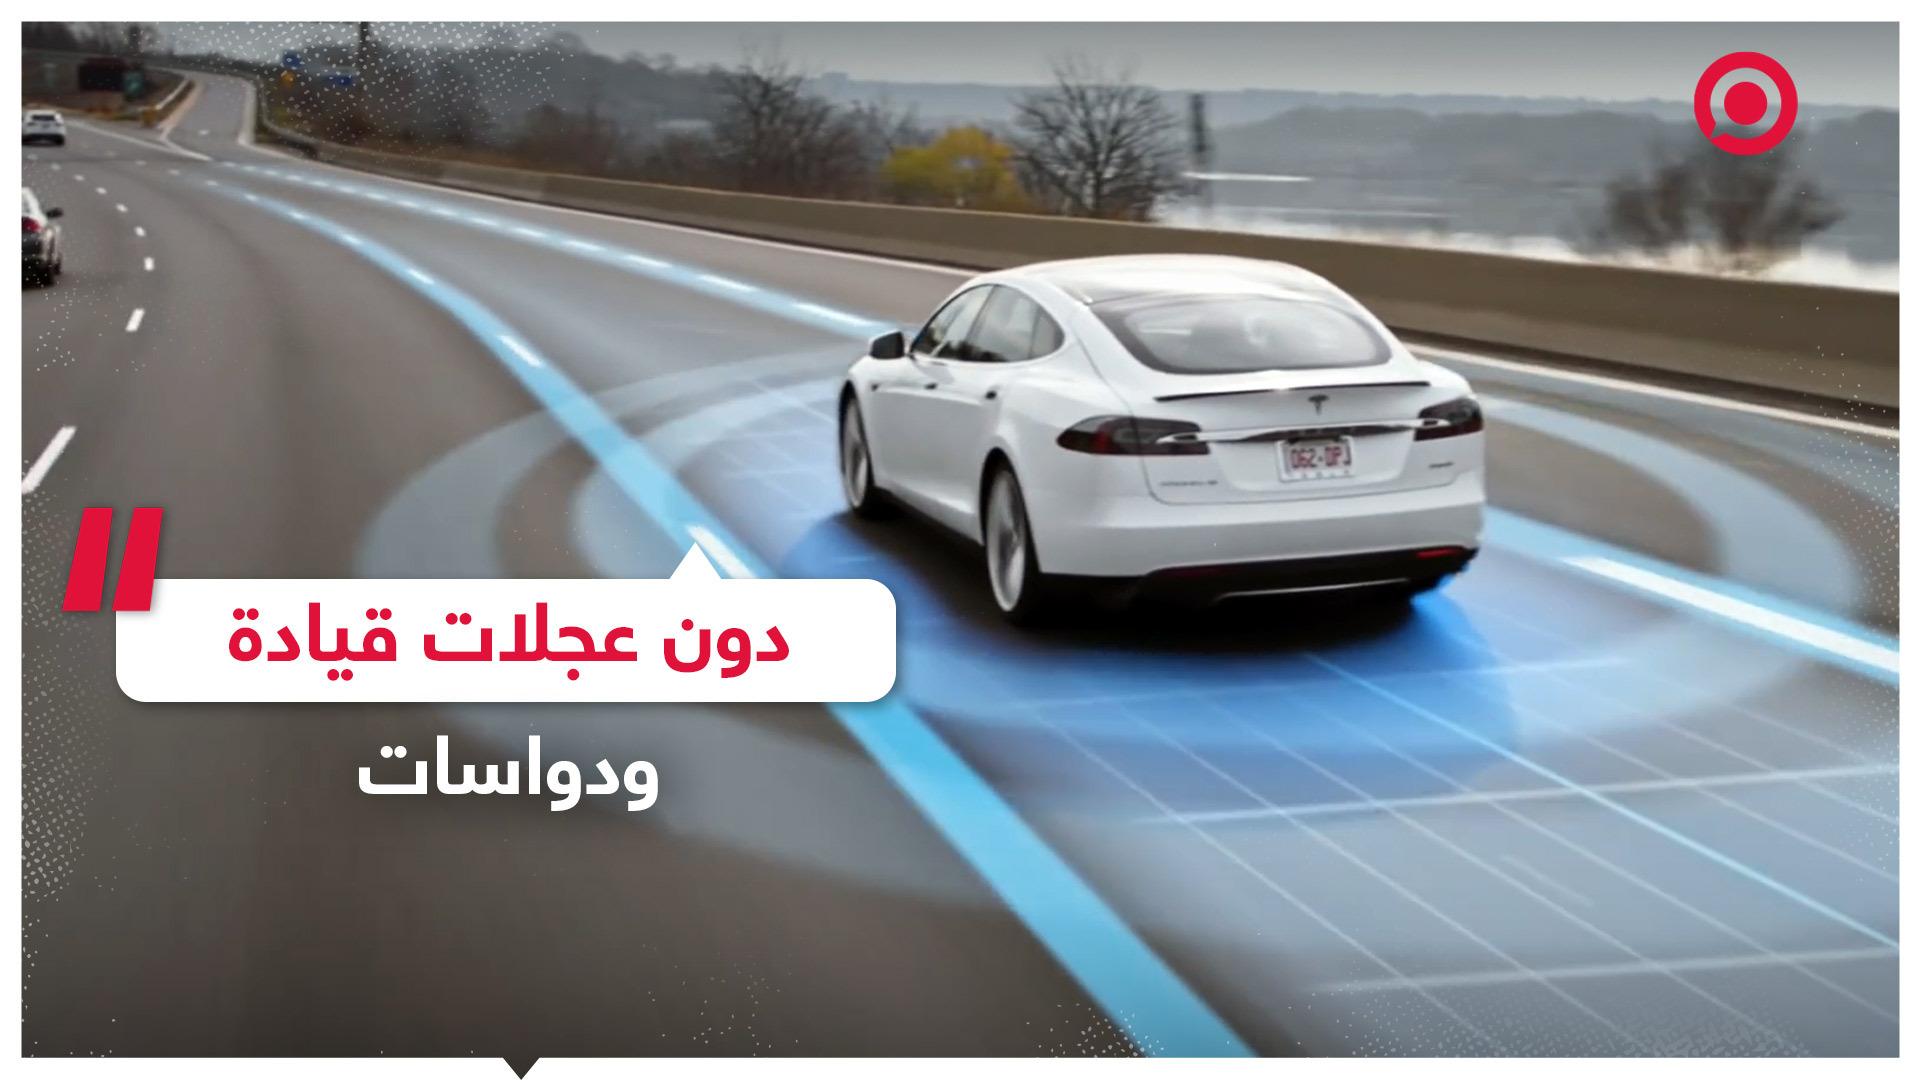 تسلا تسعى لإنتاج سيارة كهربائية دون عجلة قيادة ولا دواسات؟